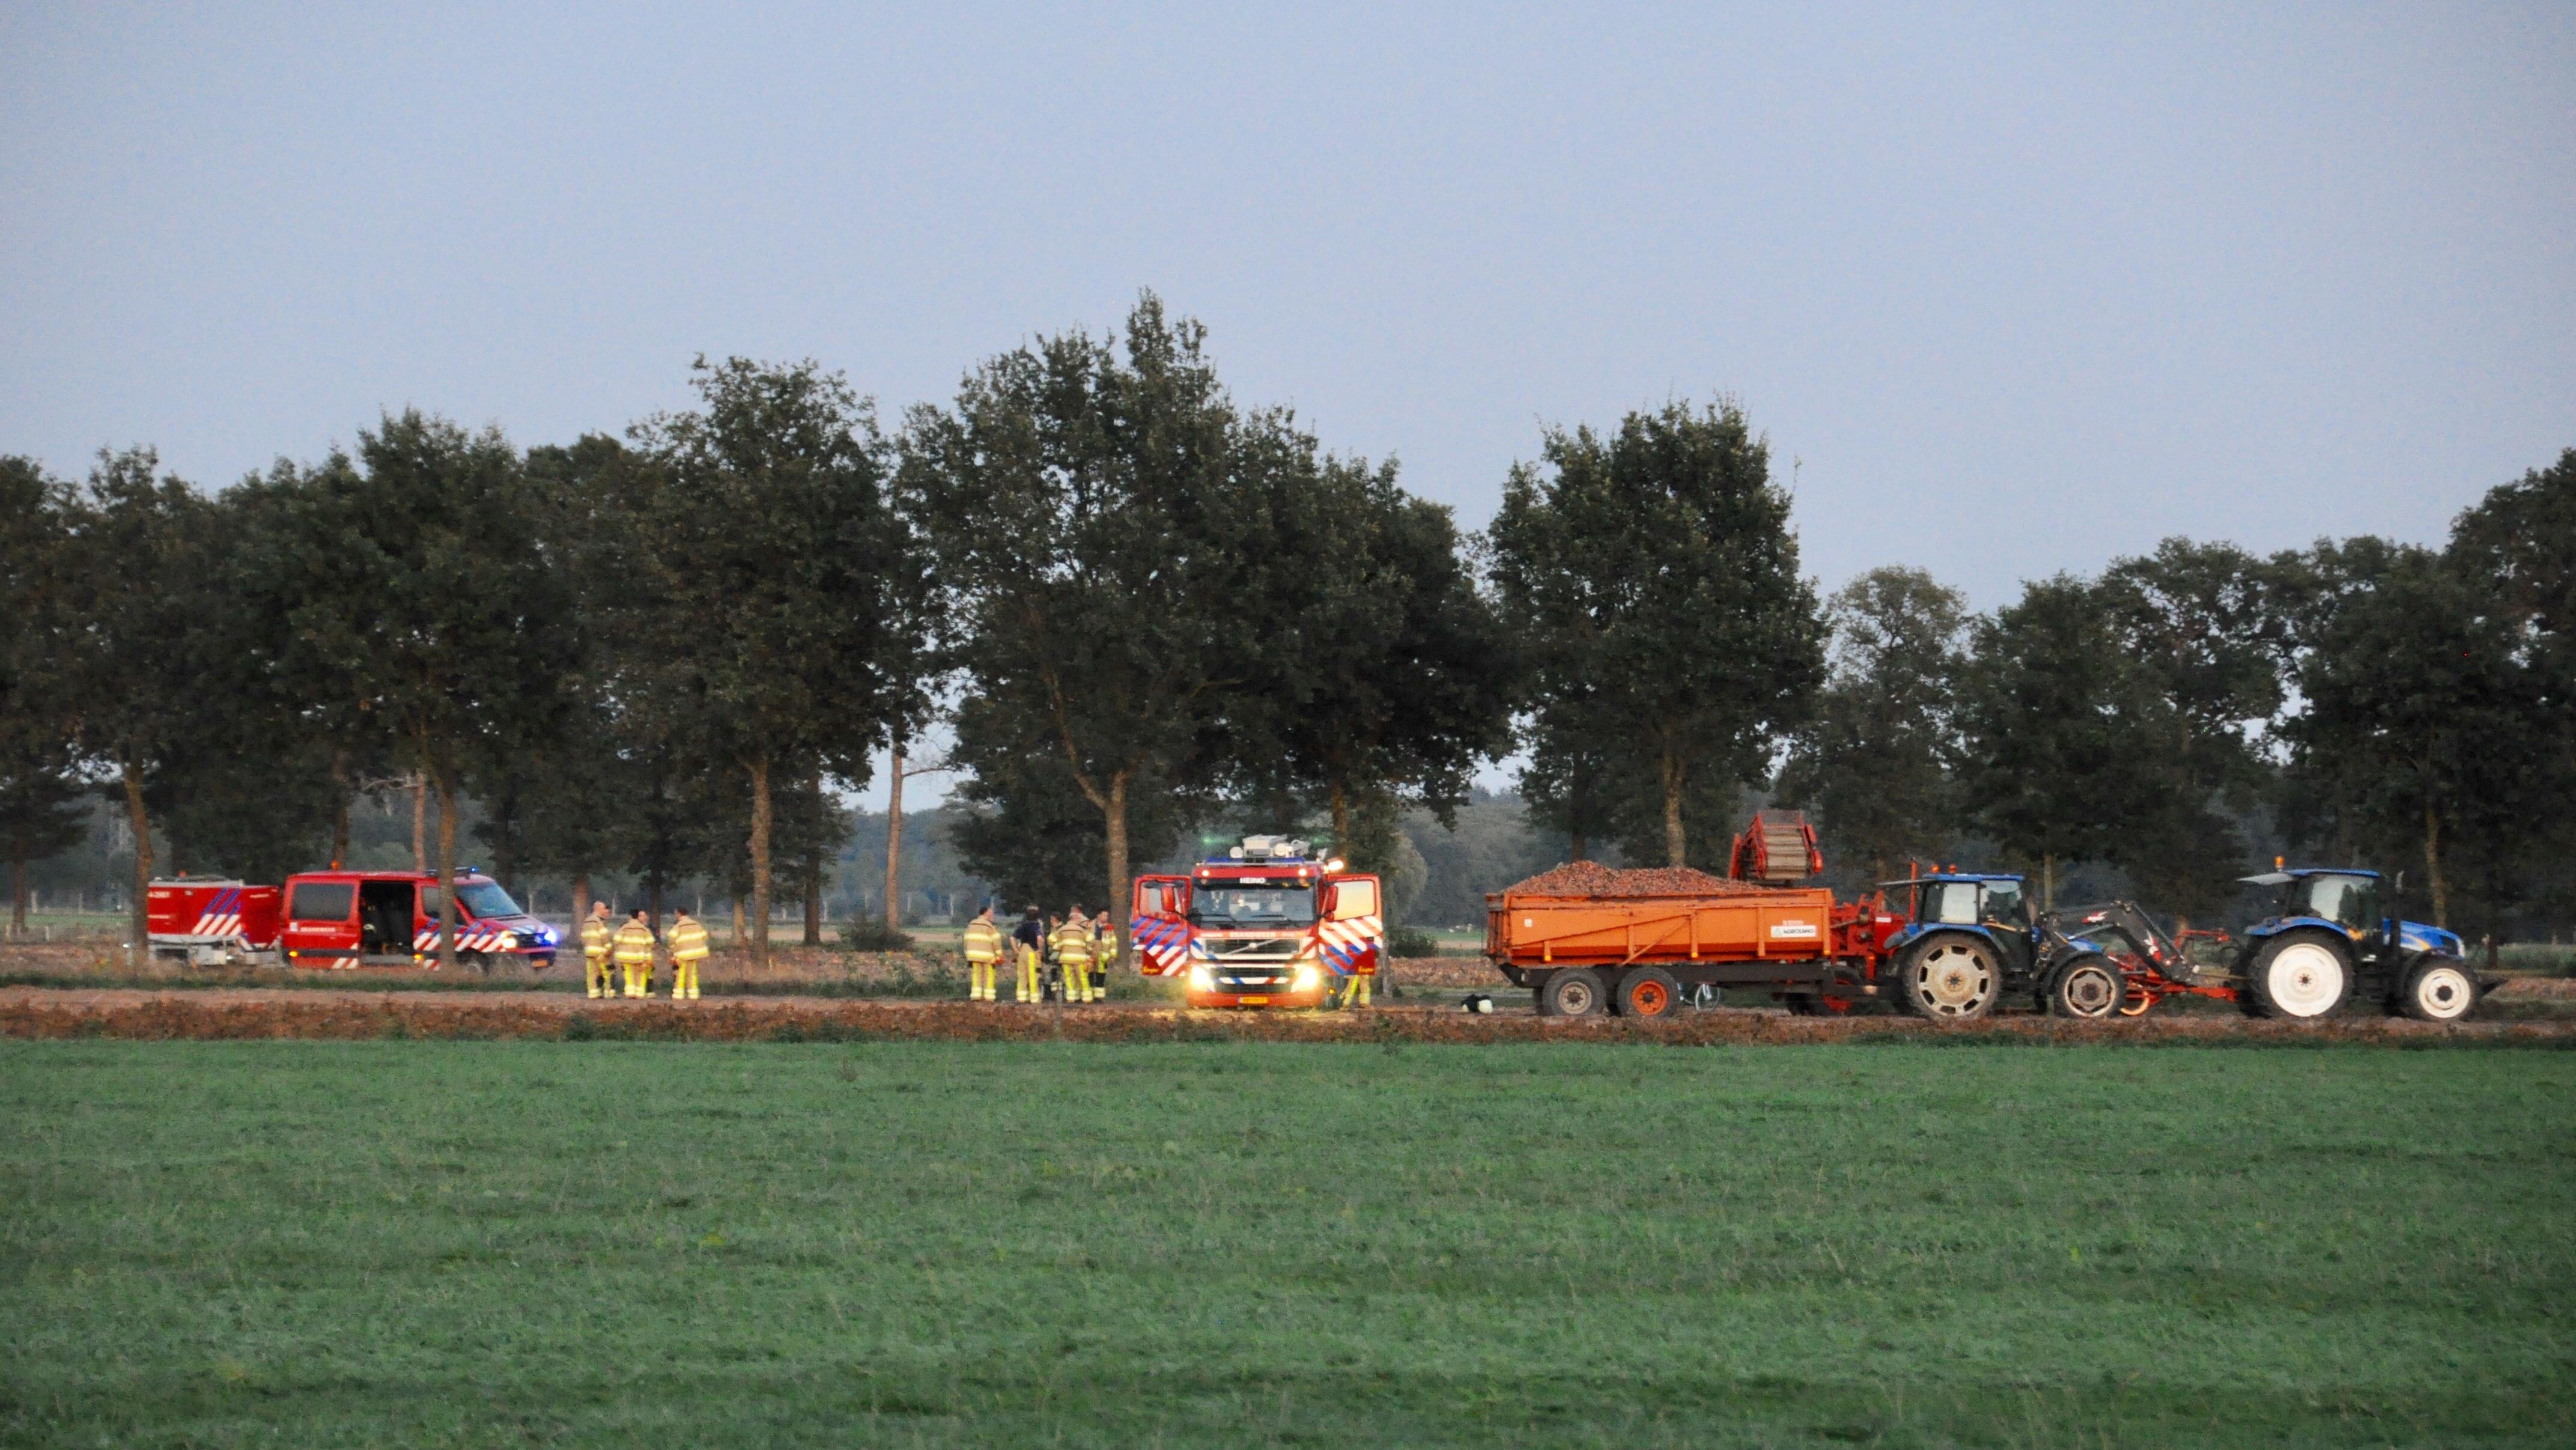 Gewonde bij ongeluk met landbouwvoertuig in Wijhe.